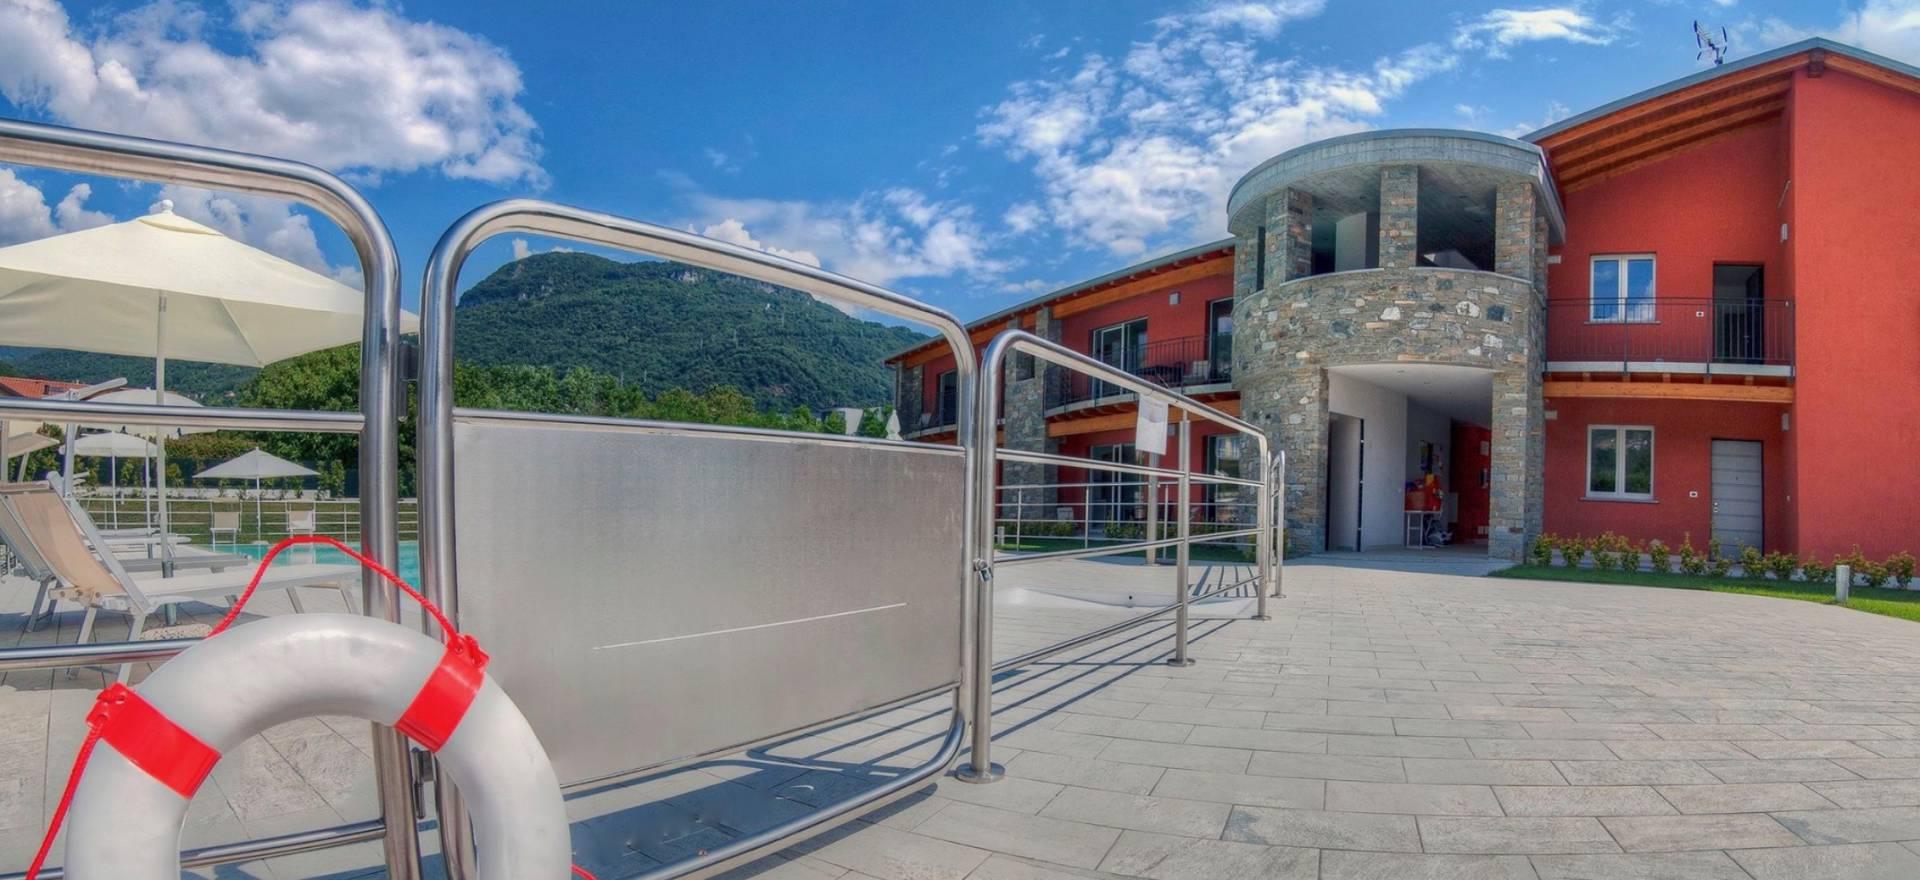 Residence Comomeer, kindvriendelijk en groot zwembad